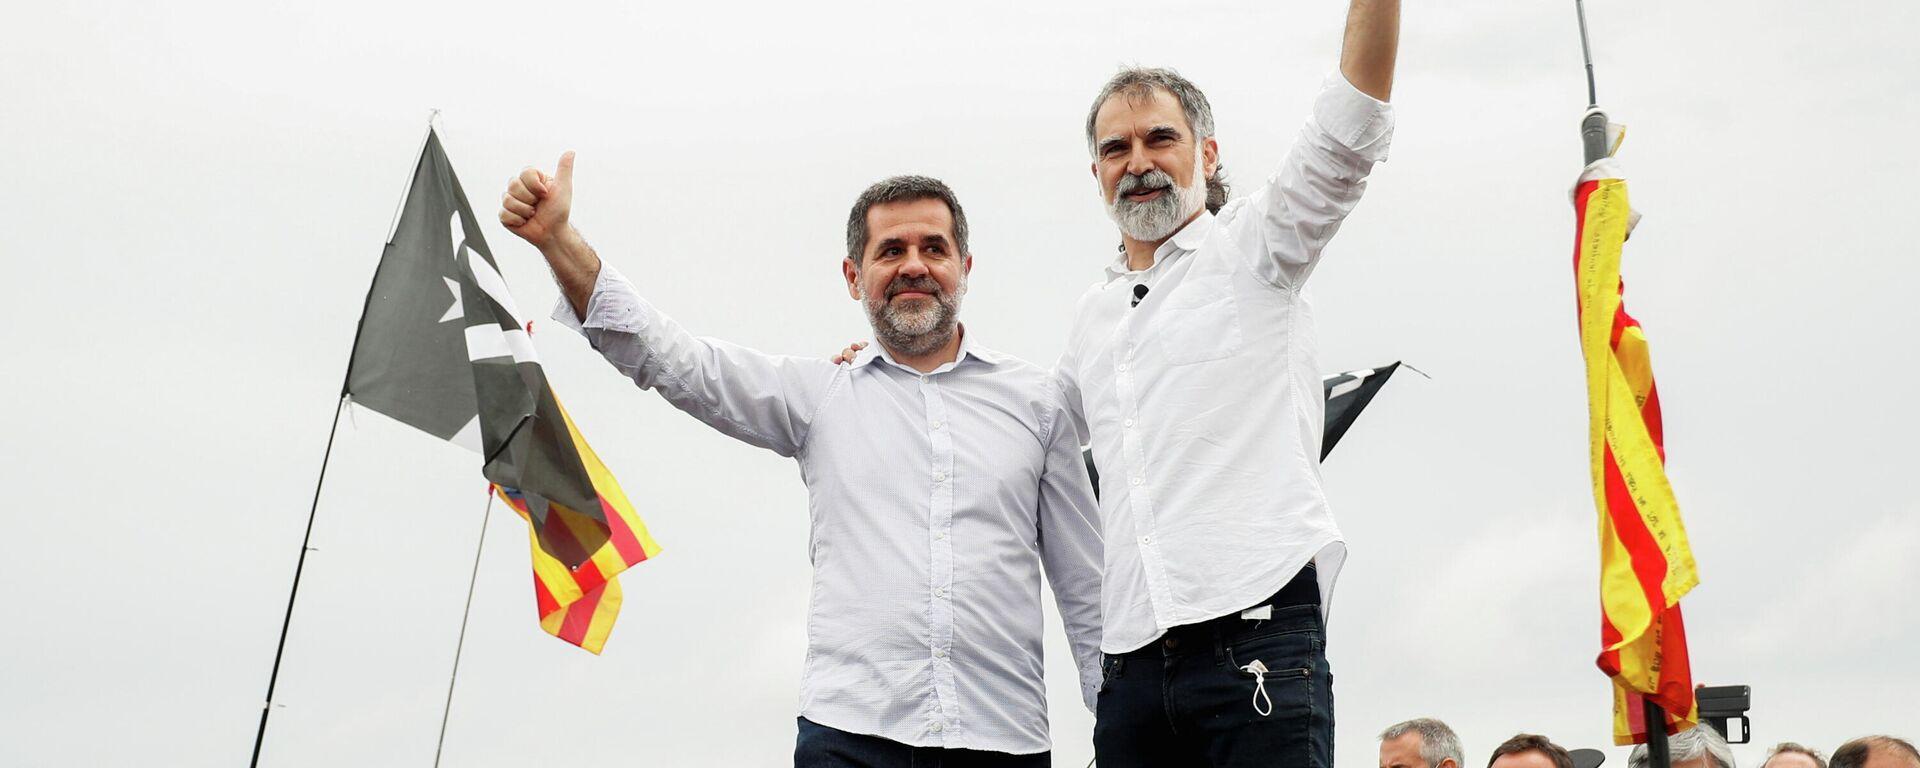 Jordi Sánchez y Jordi Cuixart,  los líderes del movimiento independentista catalán  - Sputnik Mundo, 1920, 24.06.2021